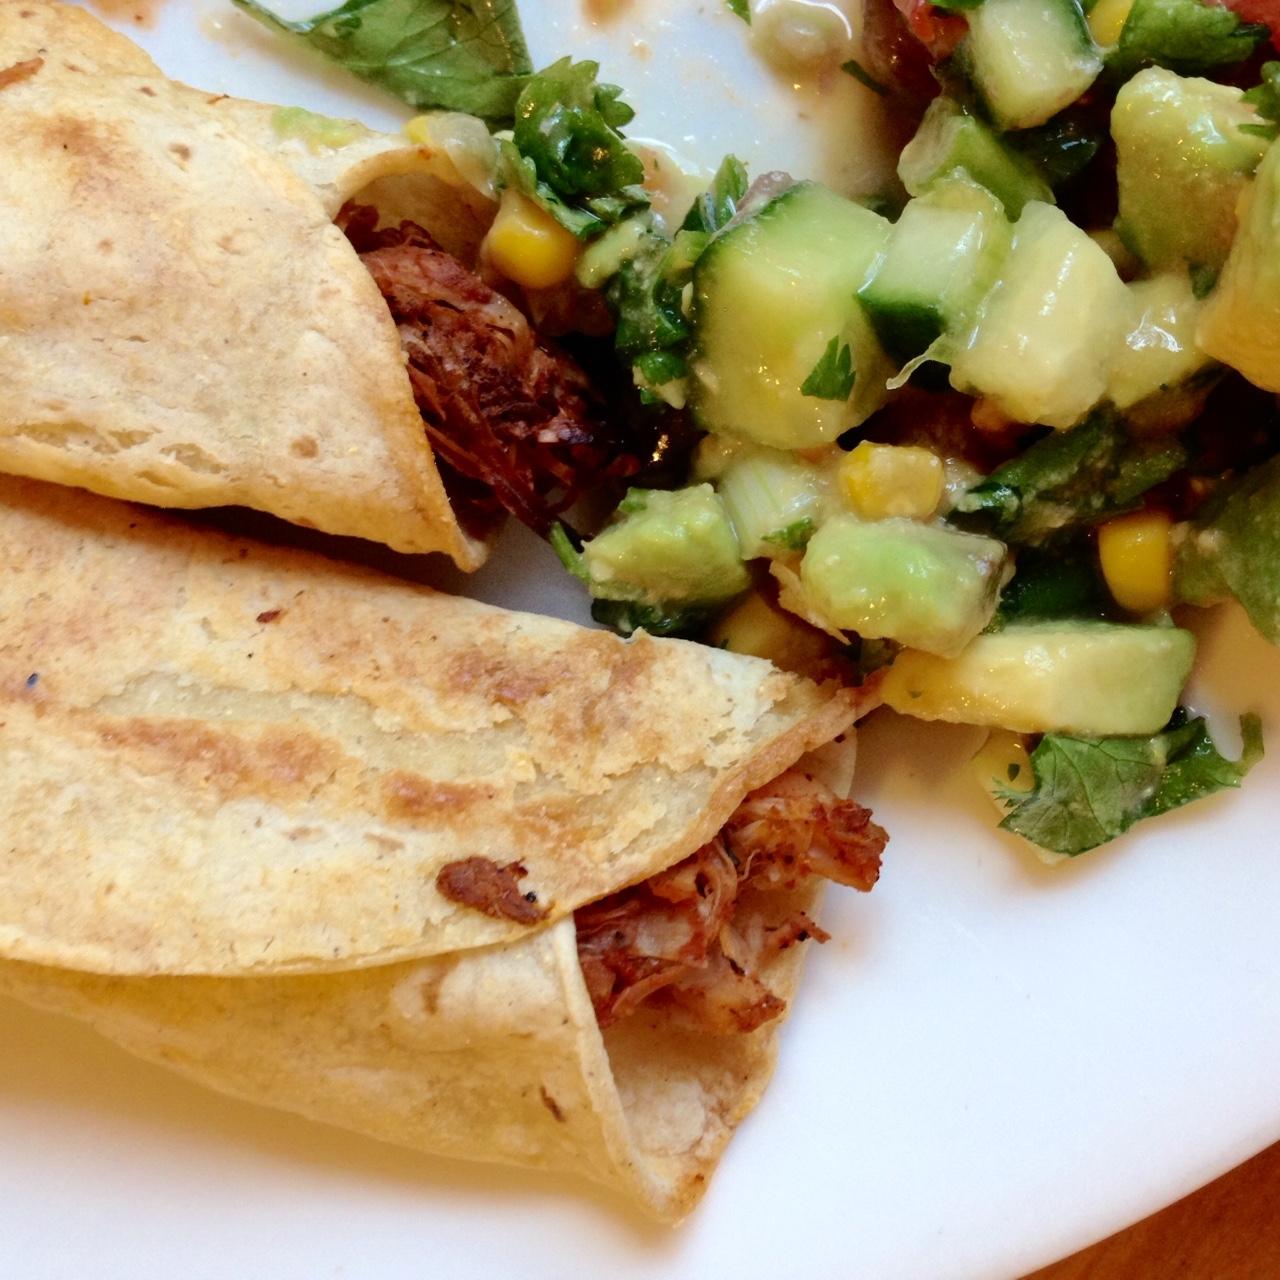 Jackfruit Taquitos with Avocado Cucumber Salsa (vegan!)